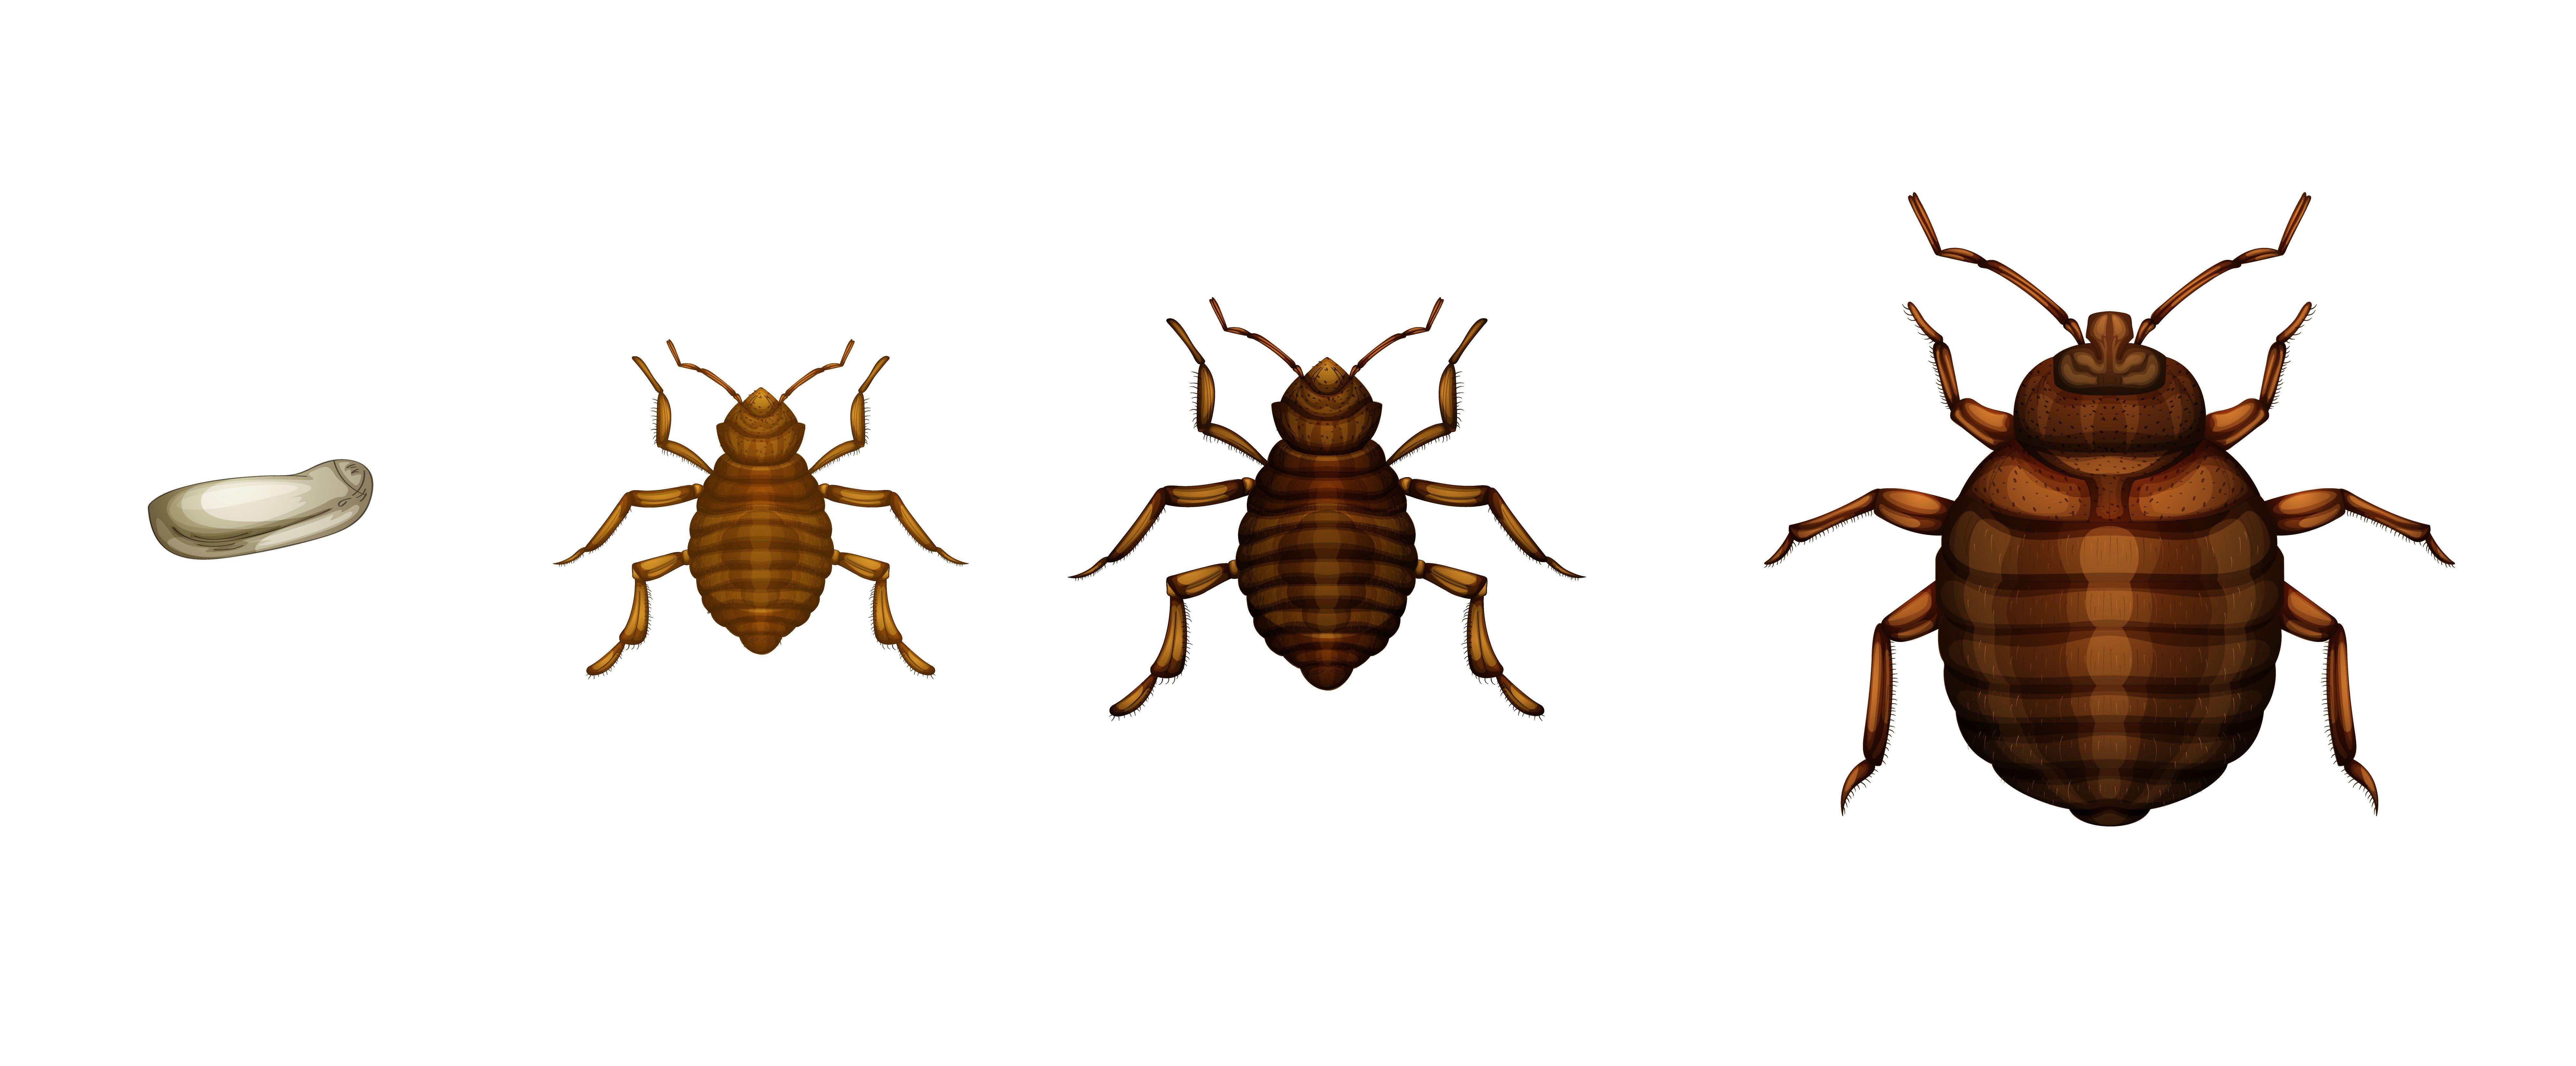 Punaise De Lit Oeuf Impressionnant 39 Classique Insecte De Lit – Faho forfriends